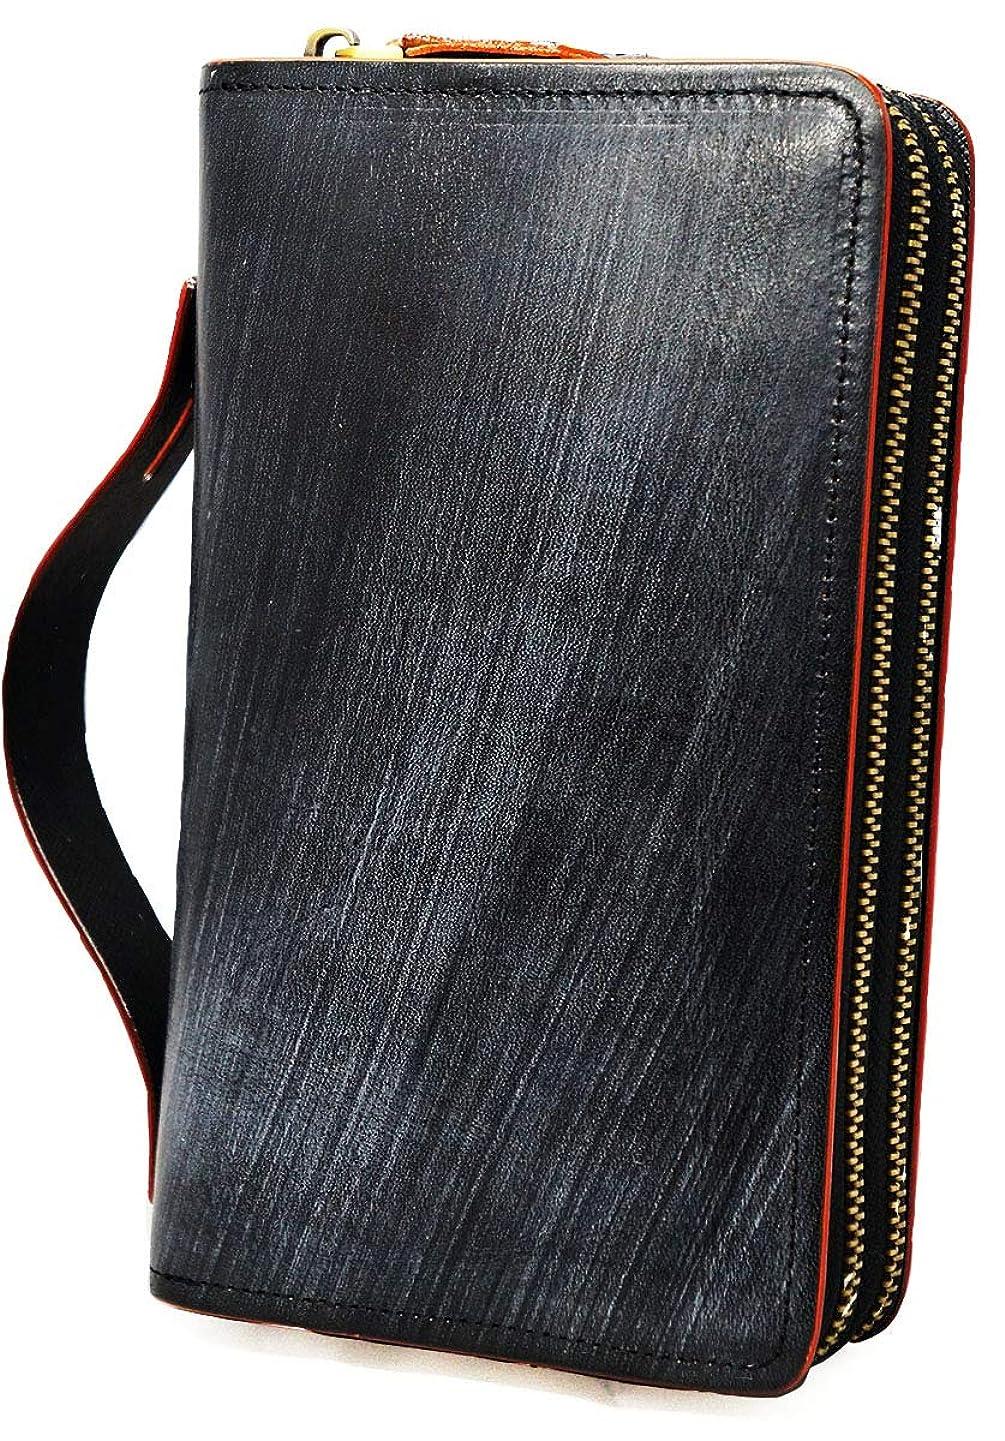 中央値一緒限りなく[High-end] 極上イタリア製ブライドルレザー セカンドバッグ 財布 本革 YKK ME0215_d